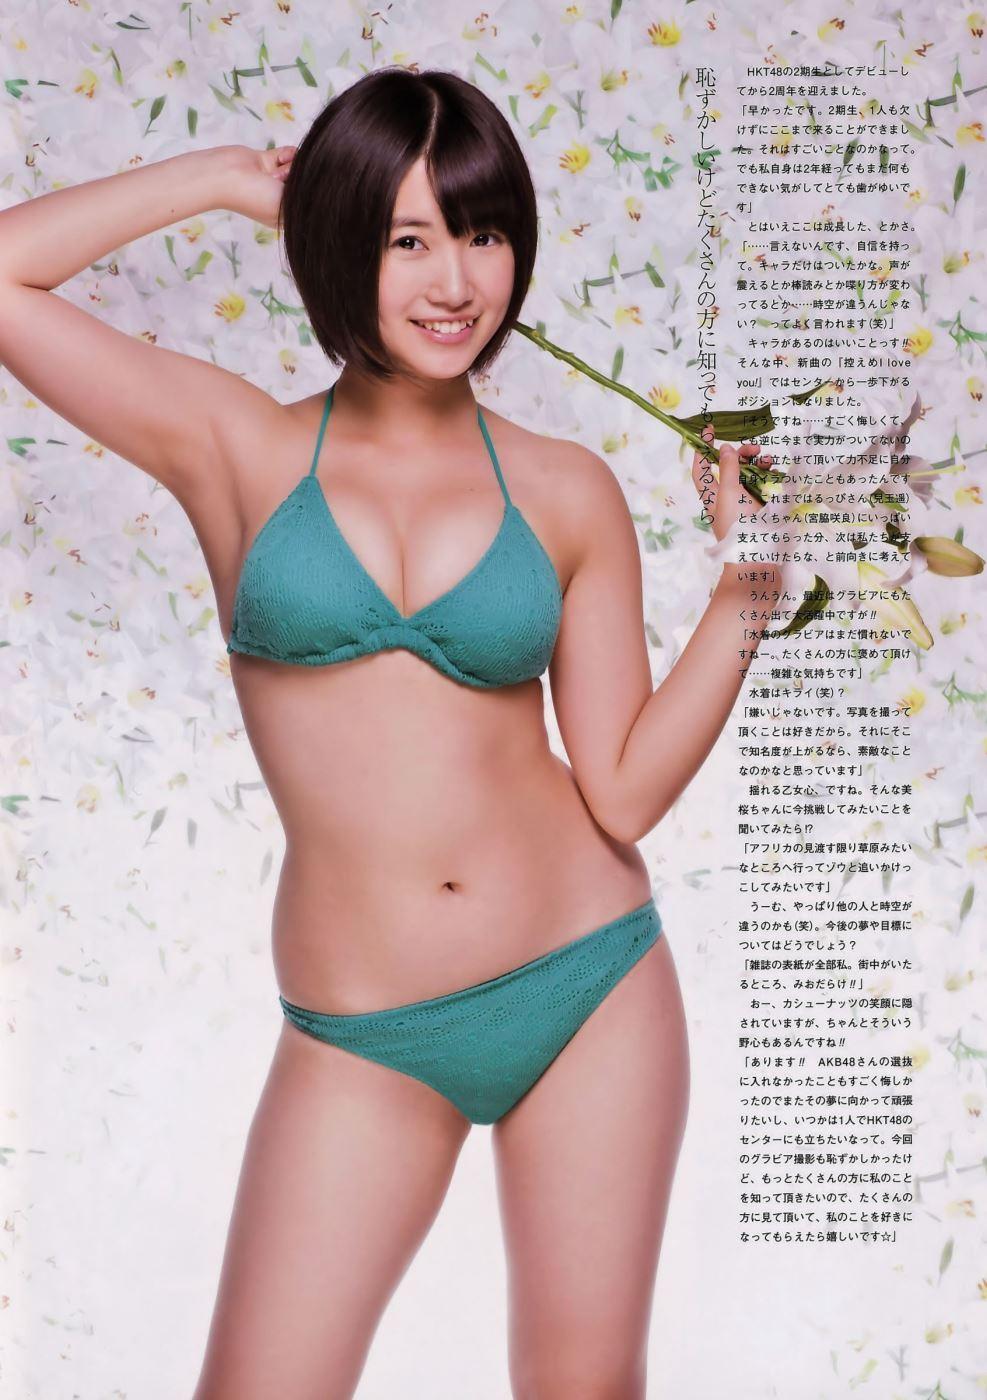 朝長美桜 画像 31